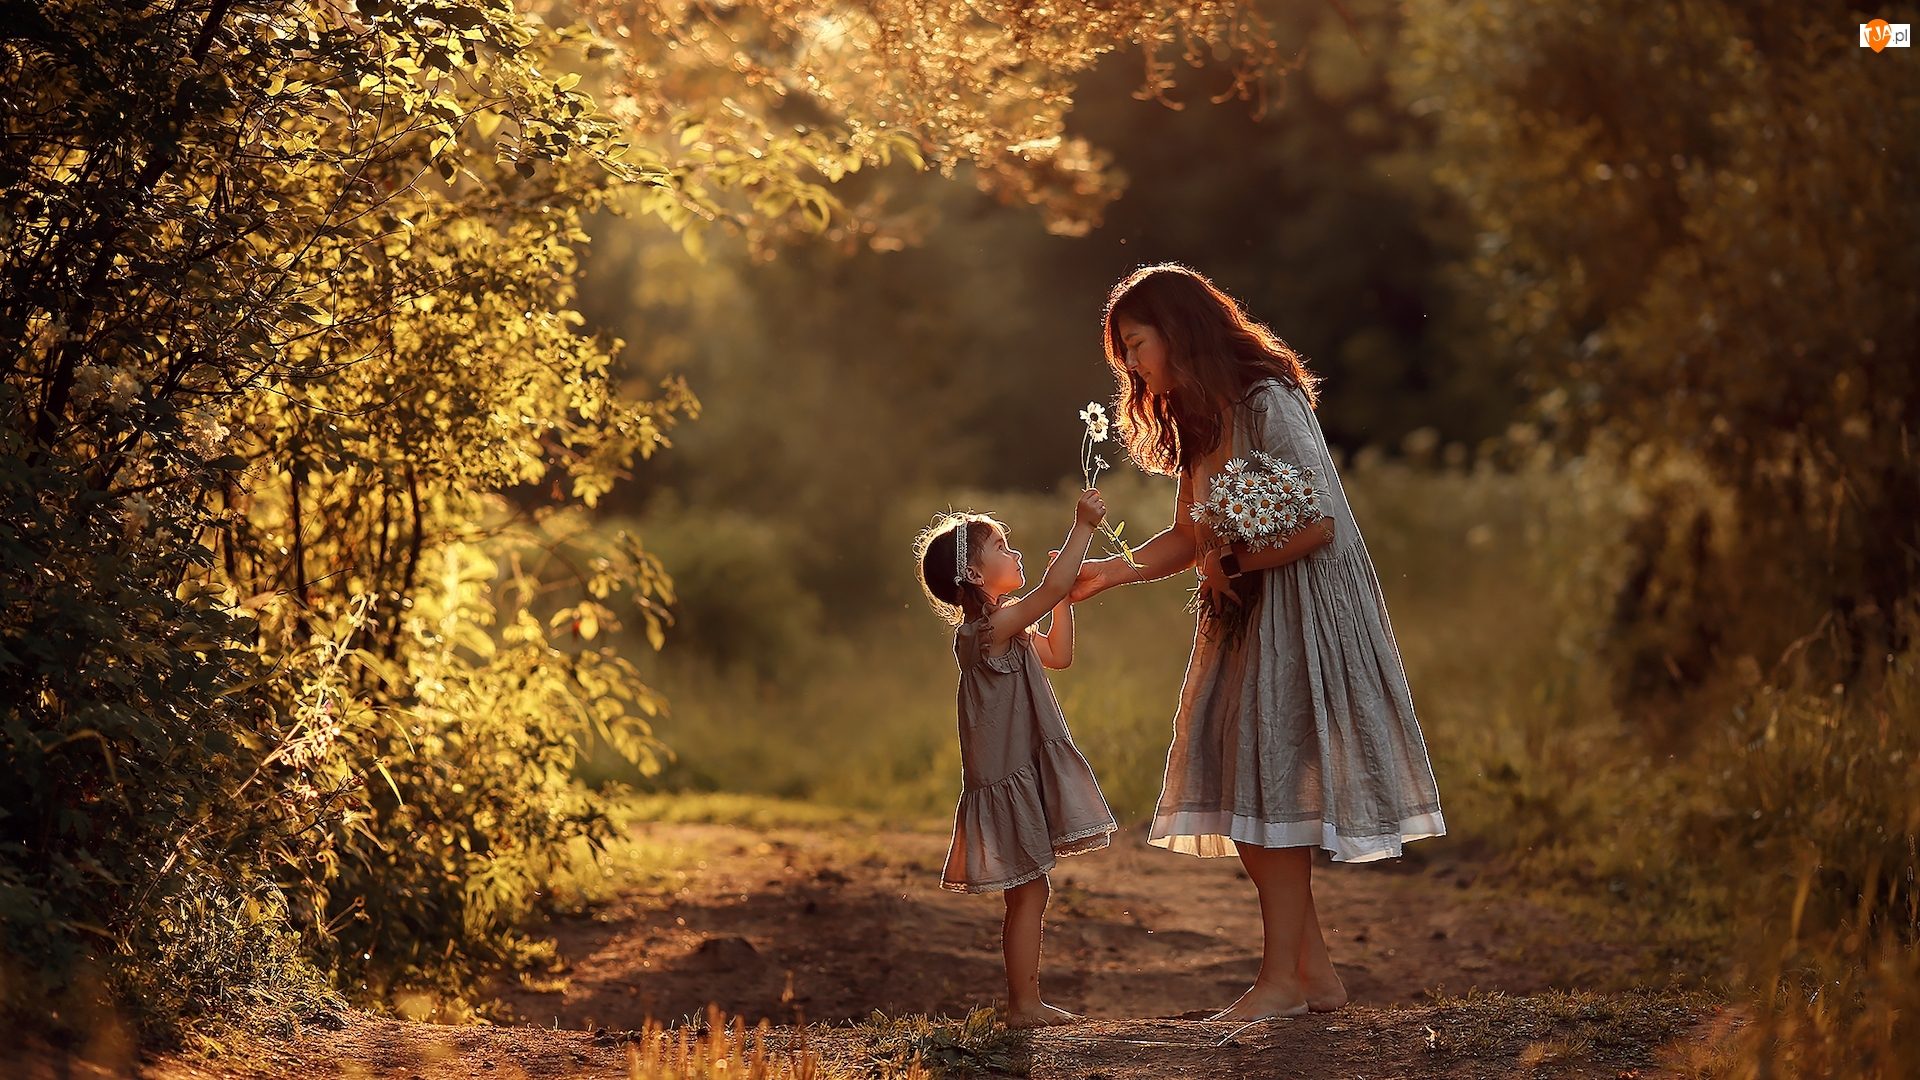 Ścieżka, Drzewa, Dziewczynka, Kobieta, Kwiaty